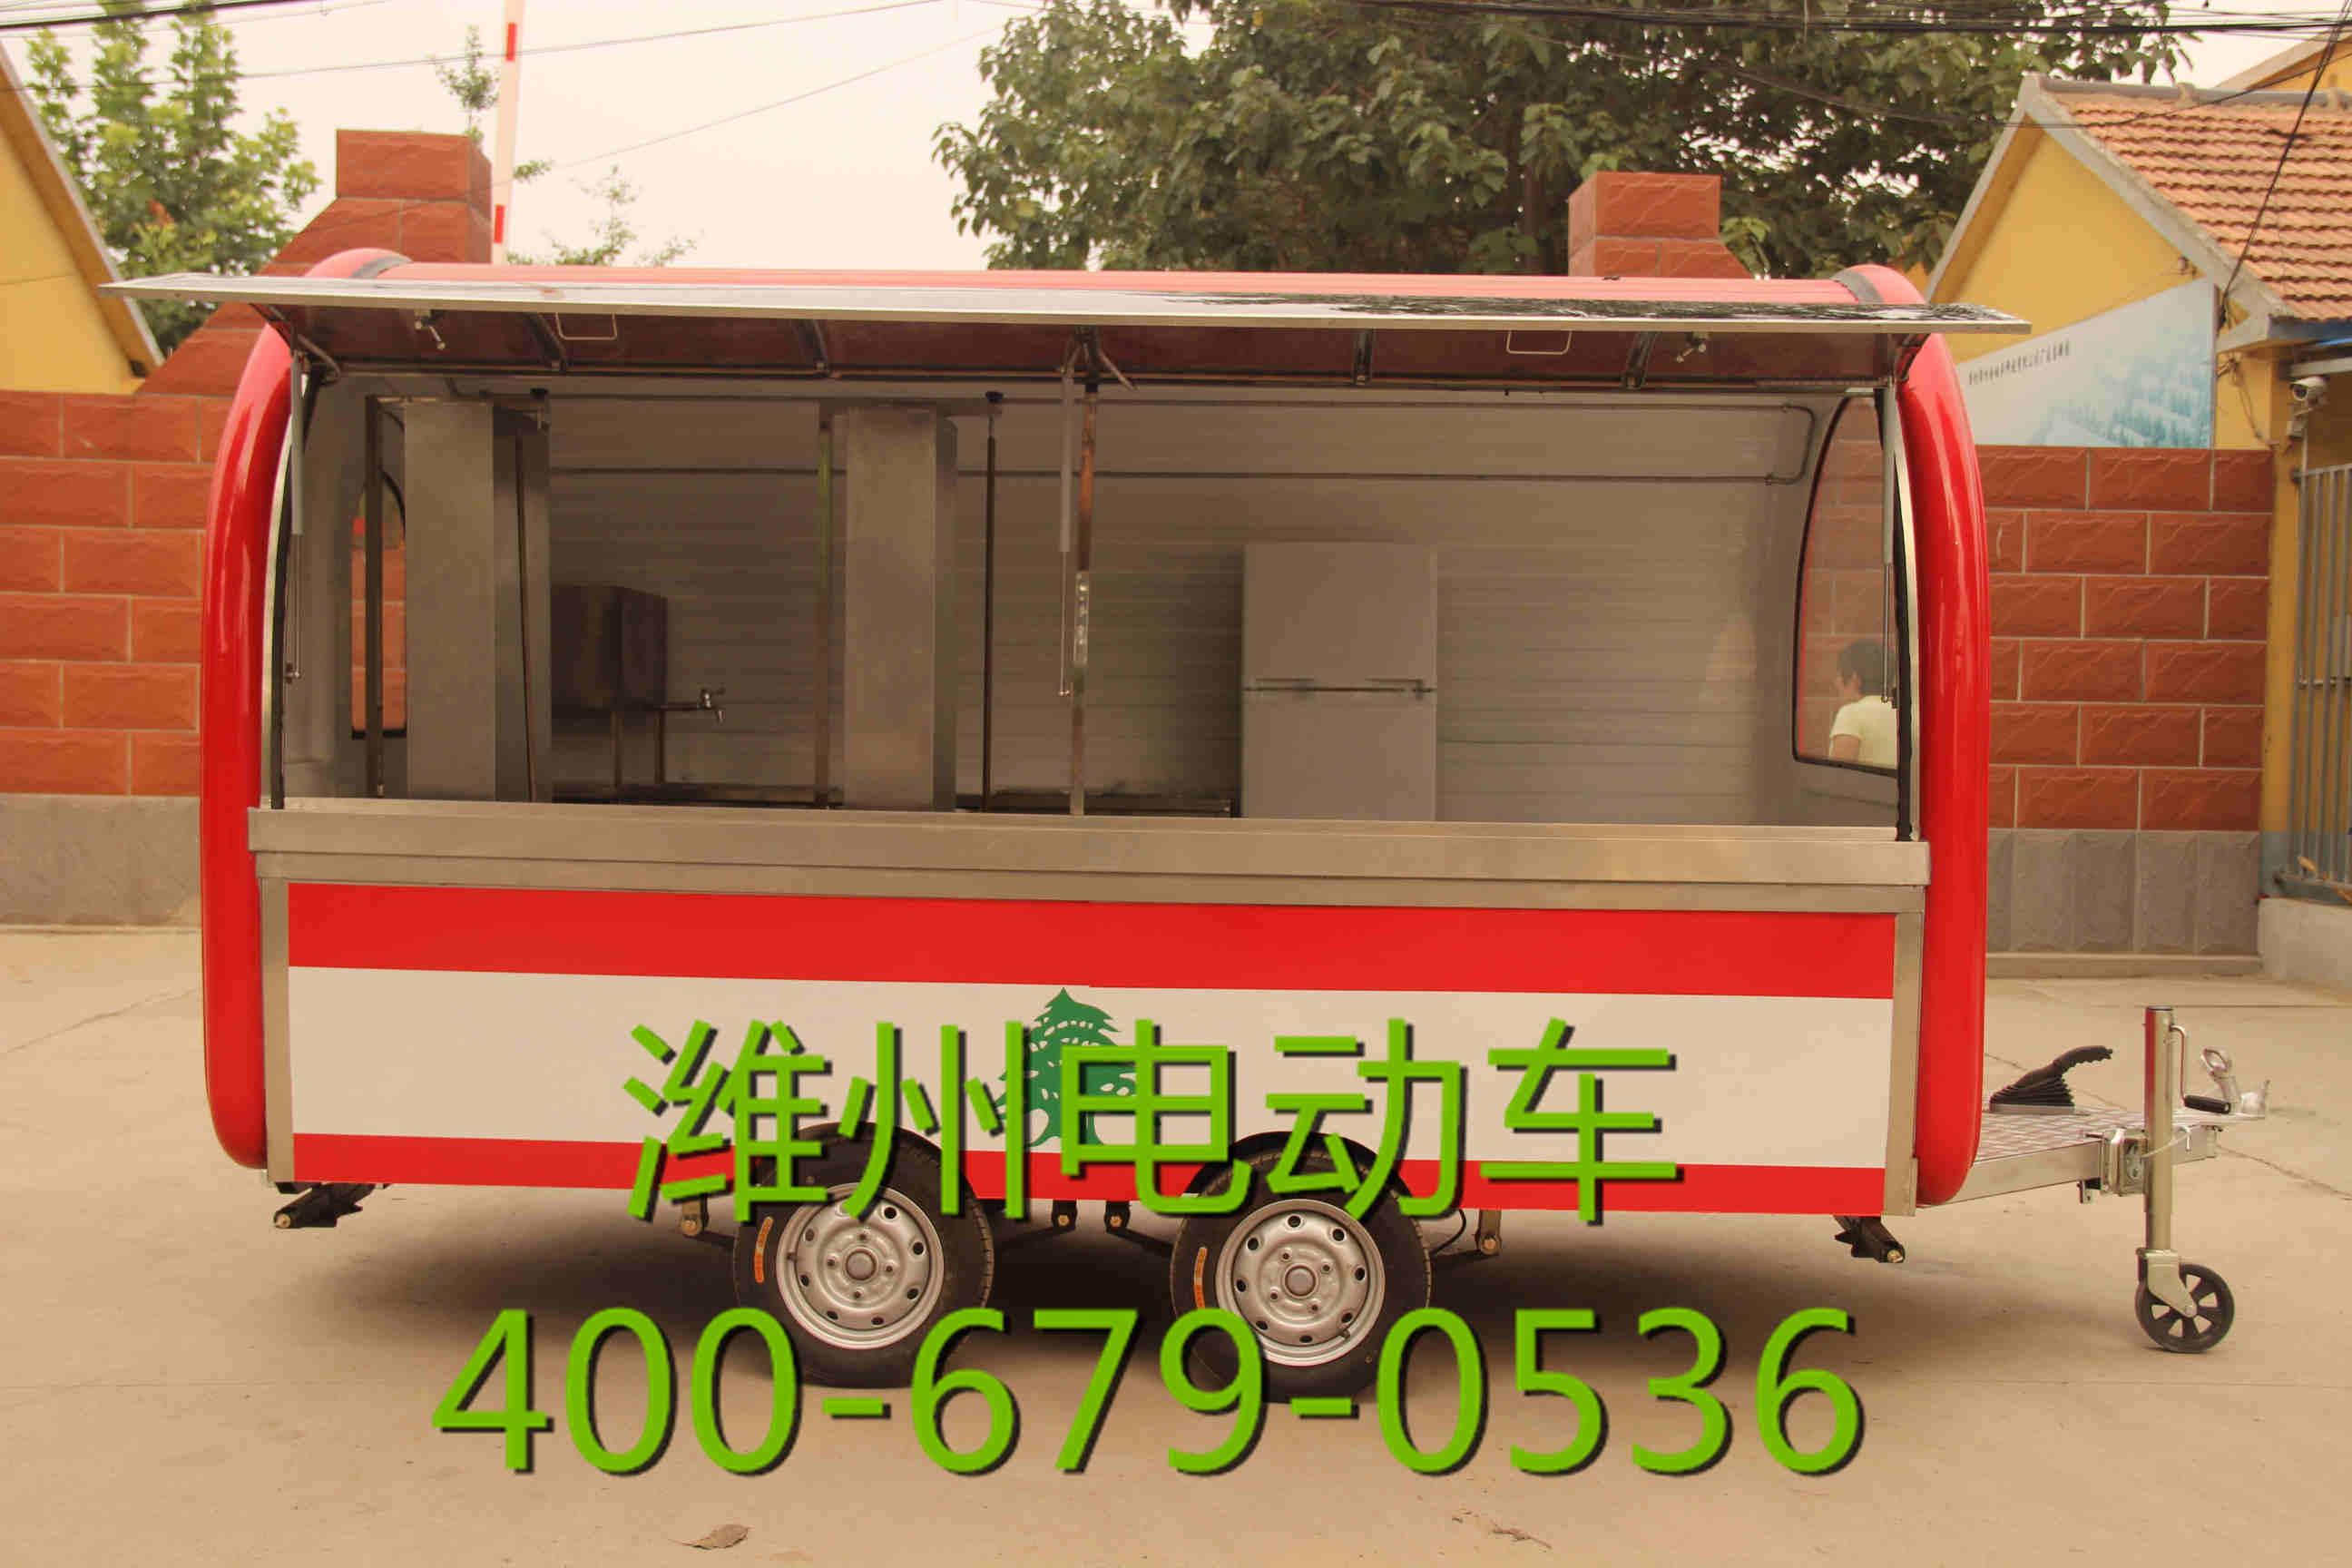 【知识】早餐车未来发展的前景 早餐车的检查工作需重视